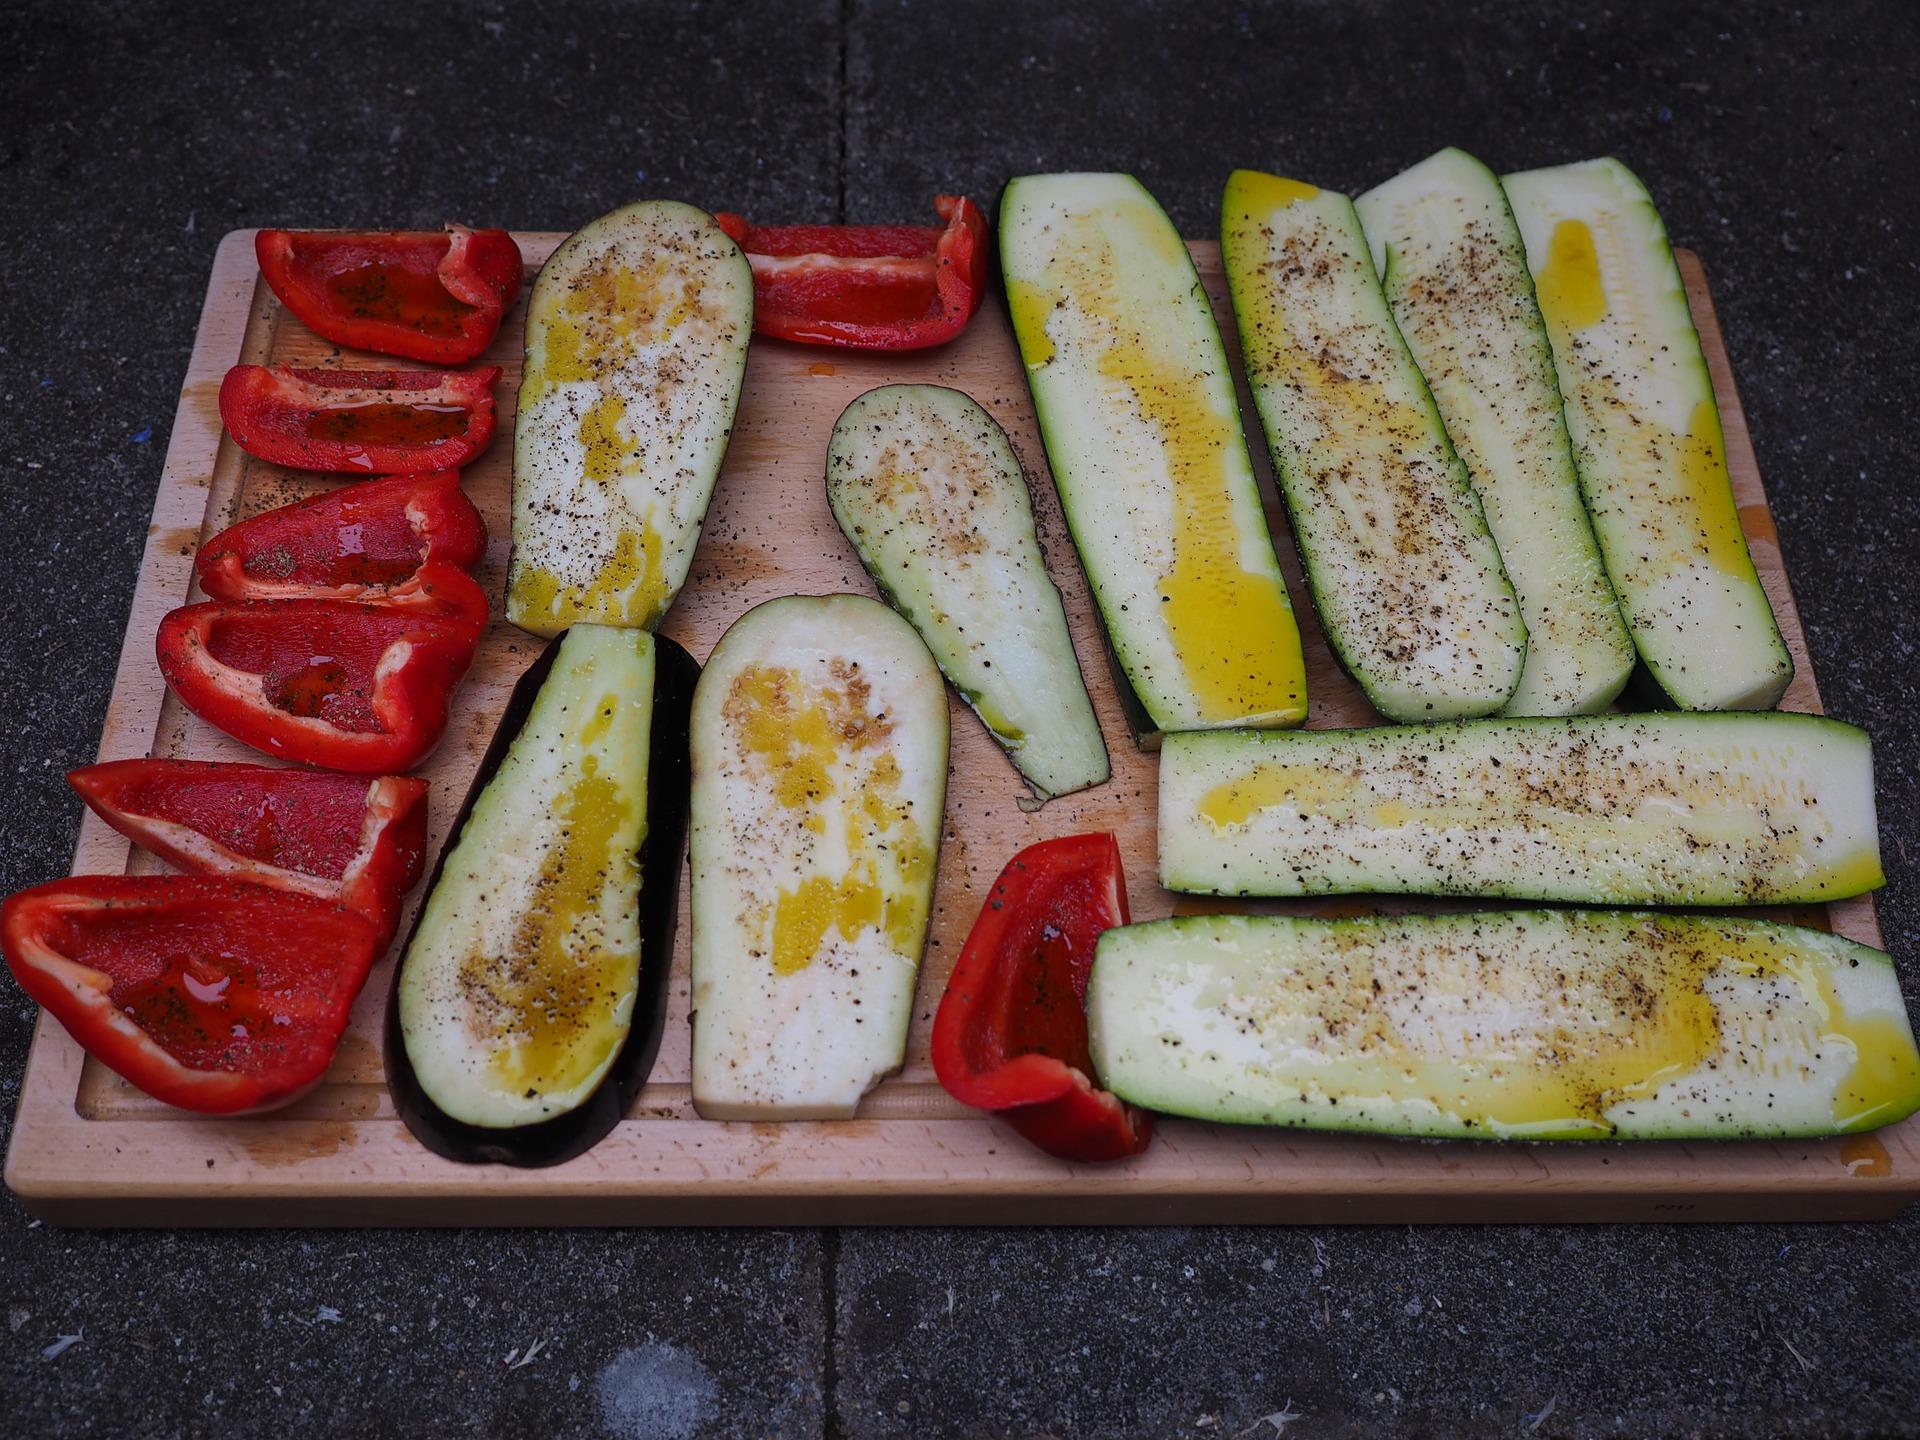 Lette ovnbagte peberfrugter og squash